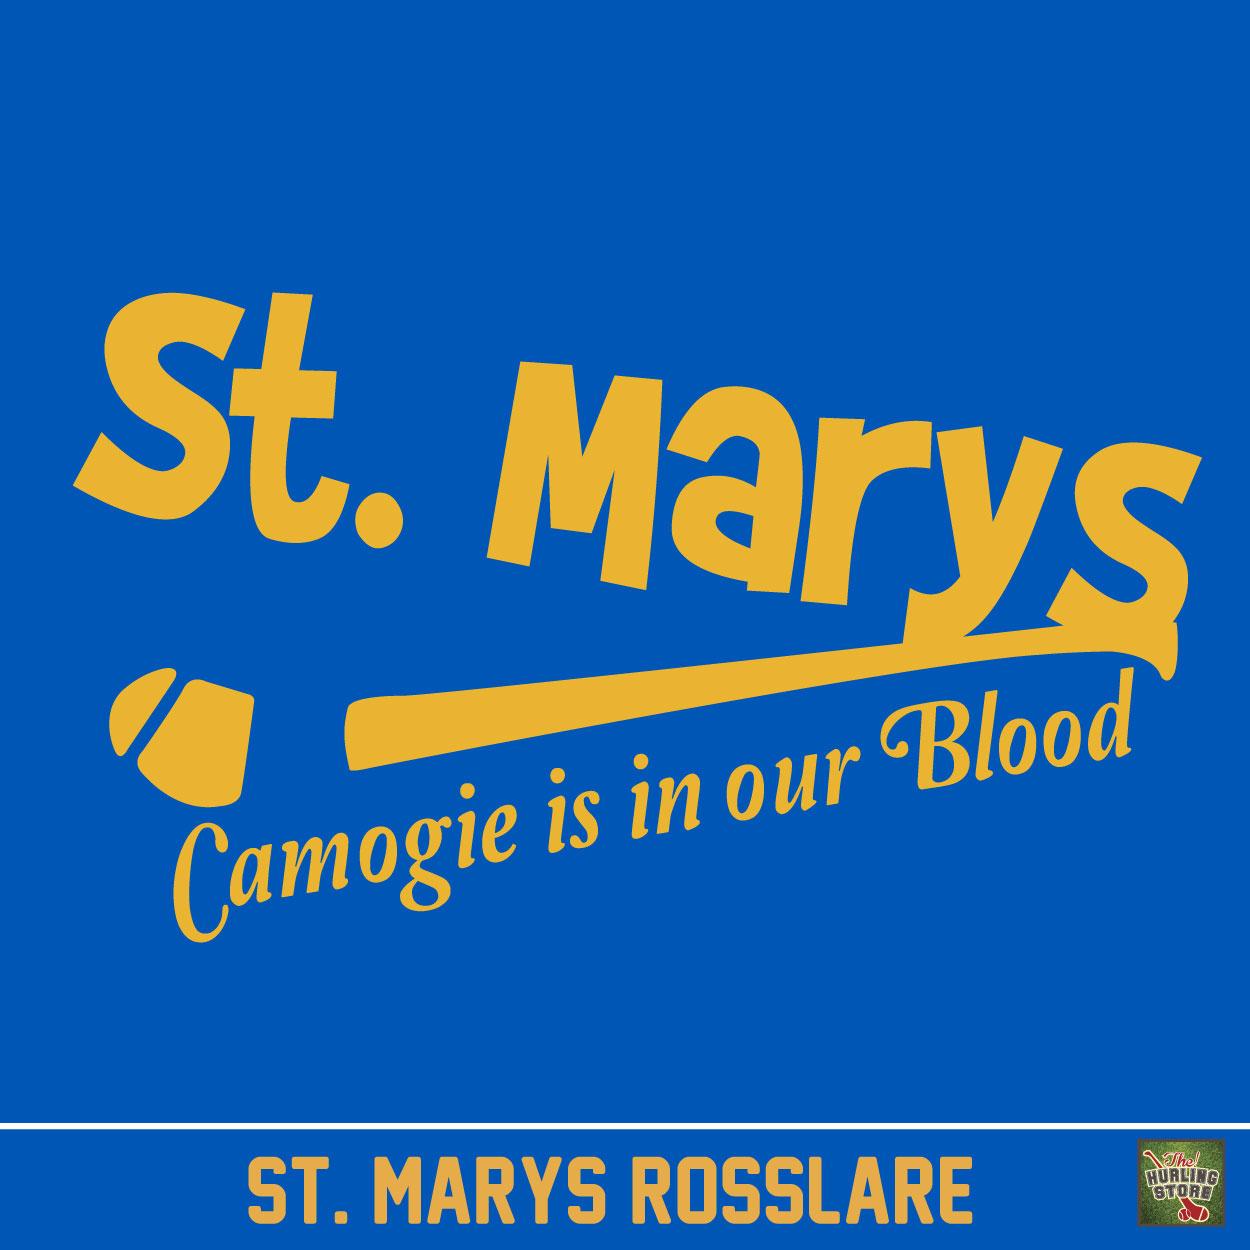 St. Marys Wexford